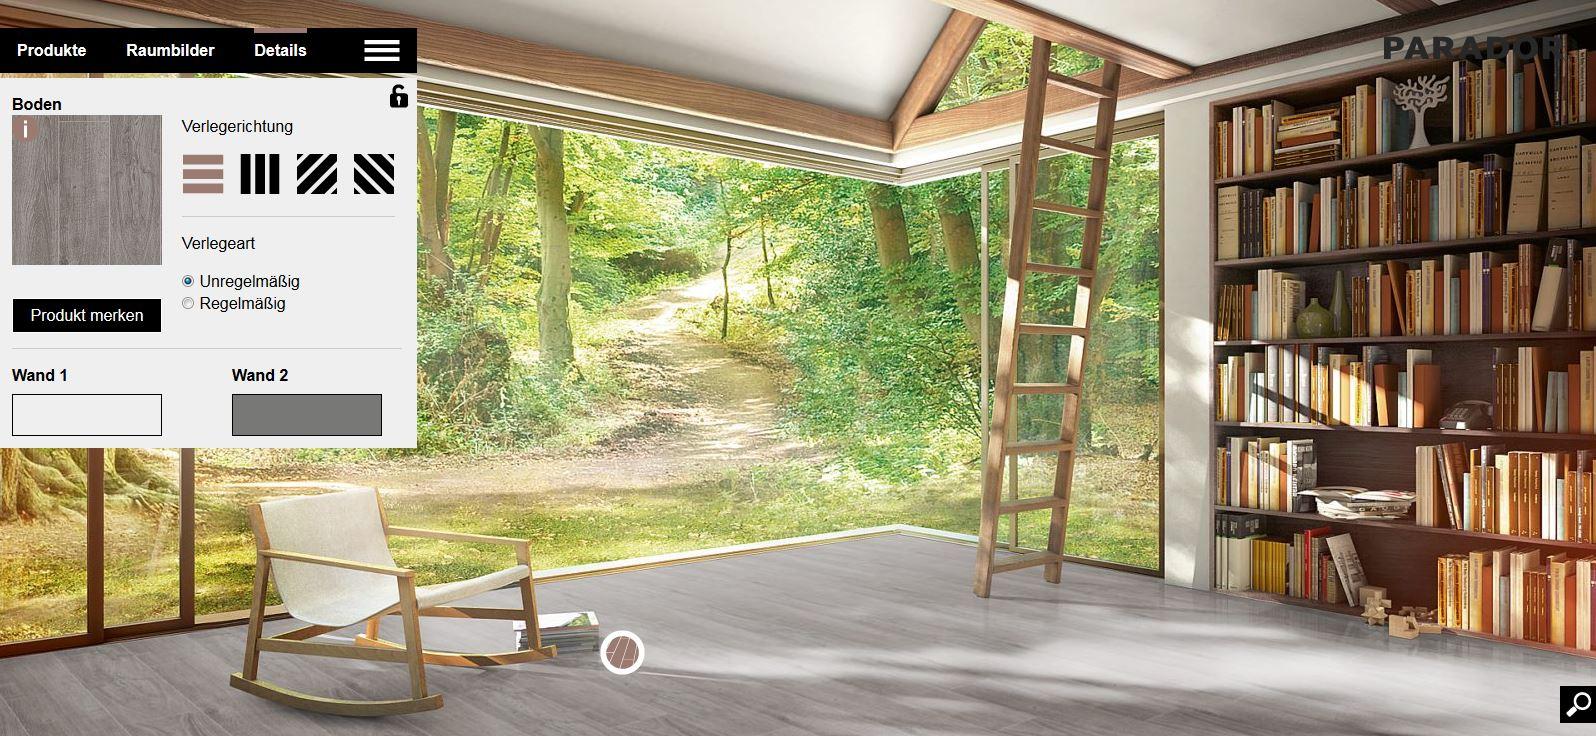 gewinne deinen wunschboden von parador im wert von euro. Black Bedroom Furniture Sets. Home Design Ideas